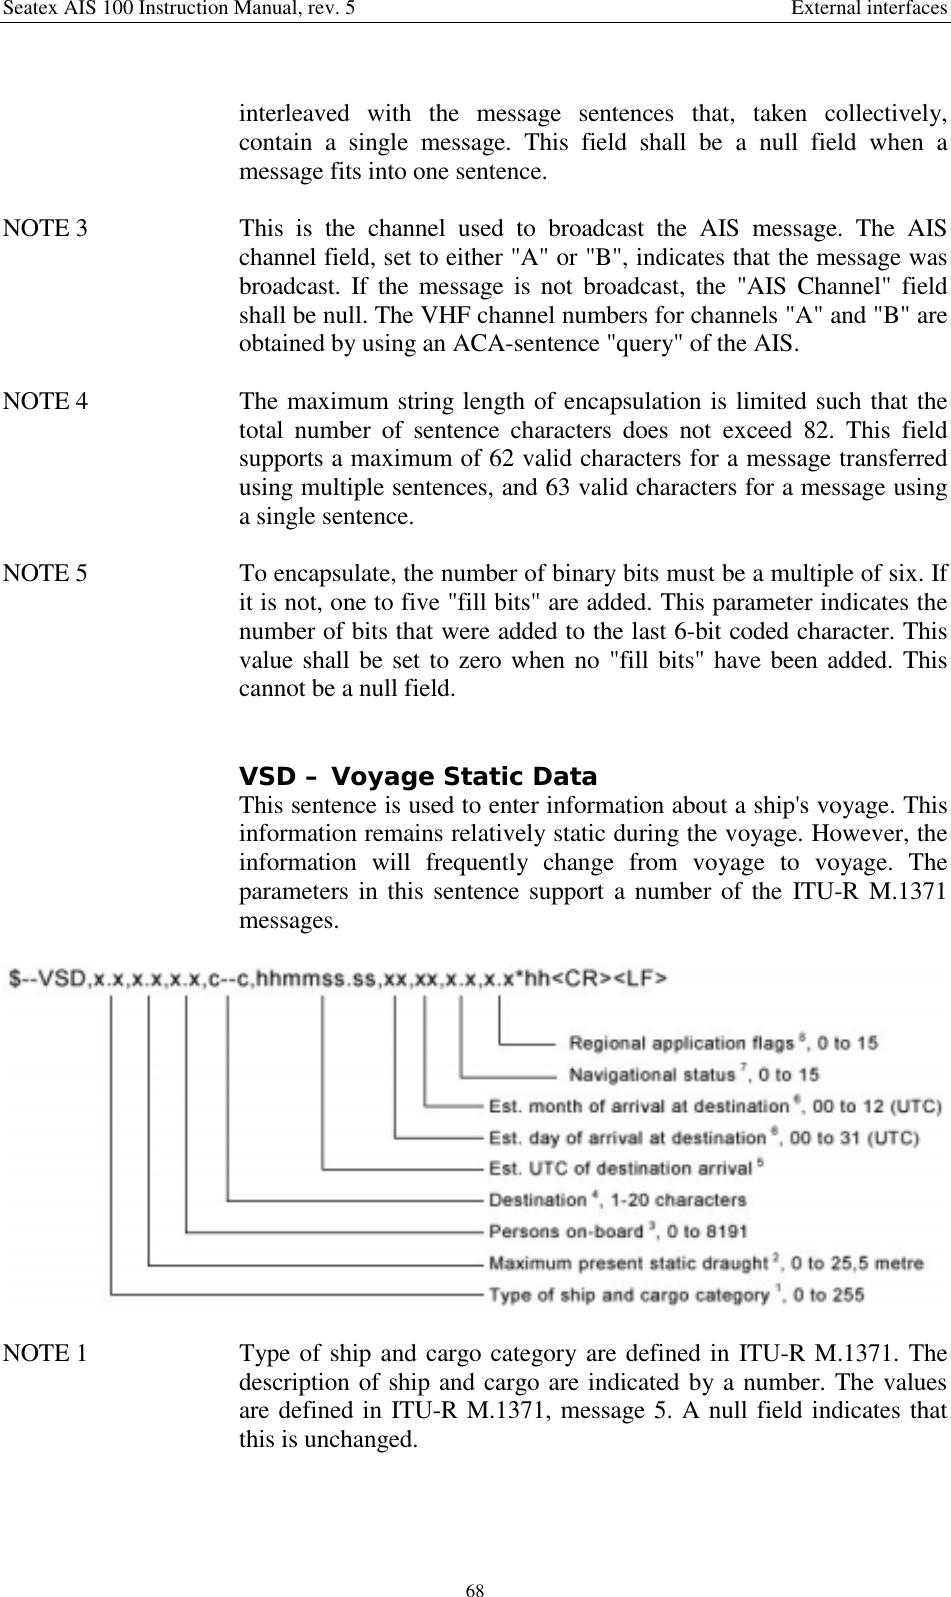 kongsberg seatex as ais seatex ais 100 simrad ai 70 user manual rh usermanual wiki